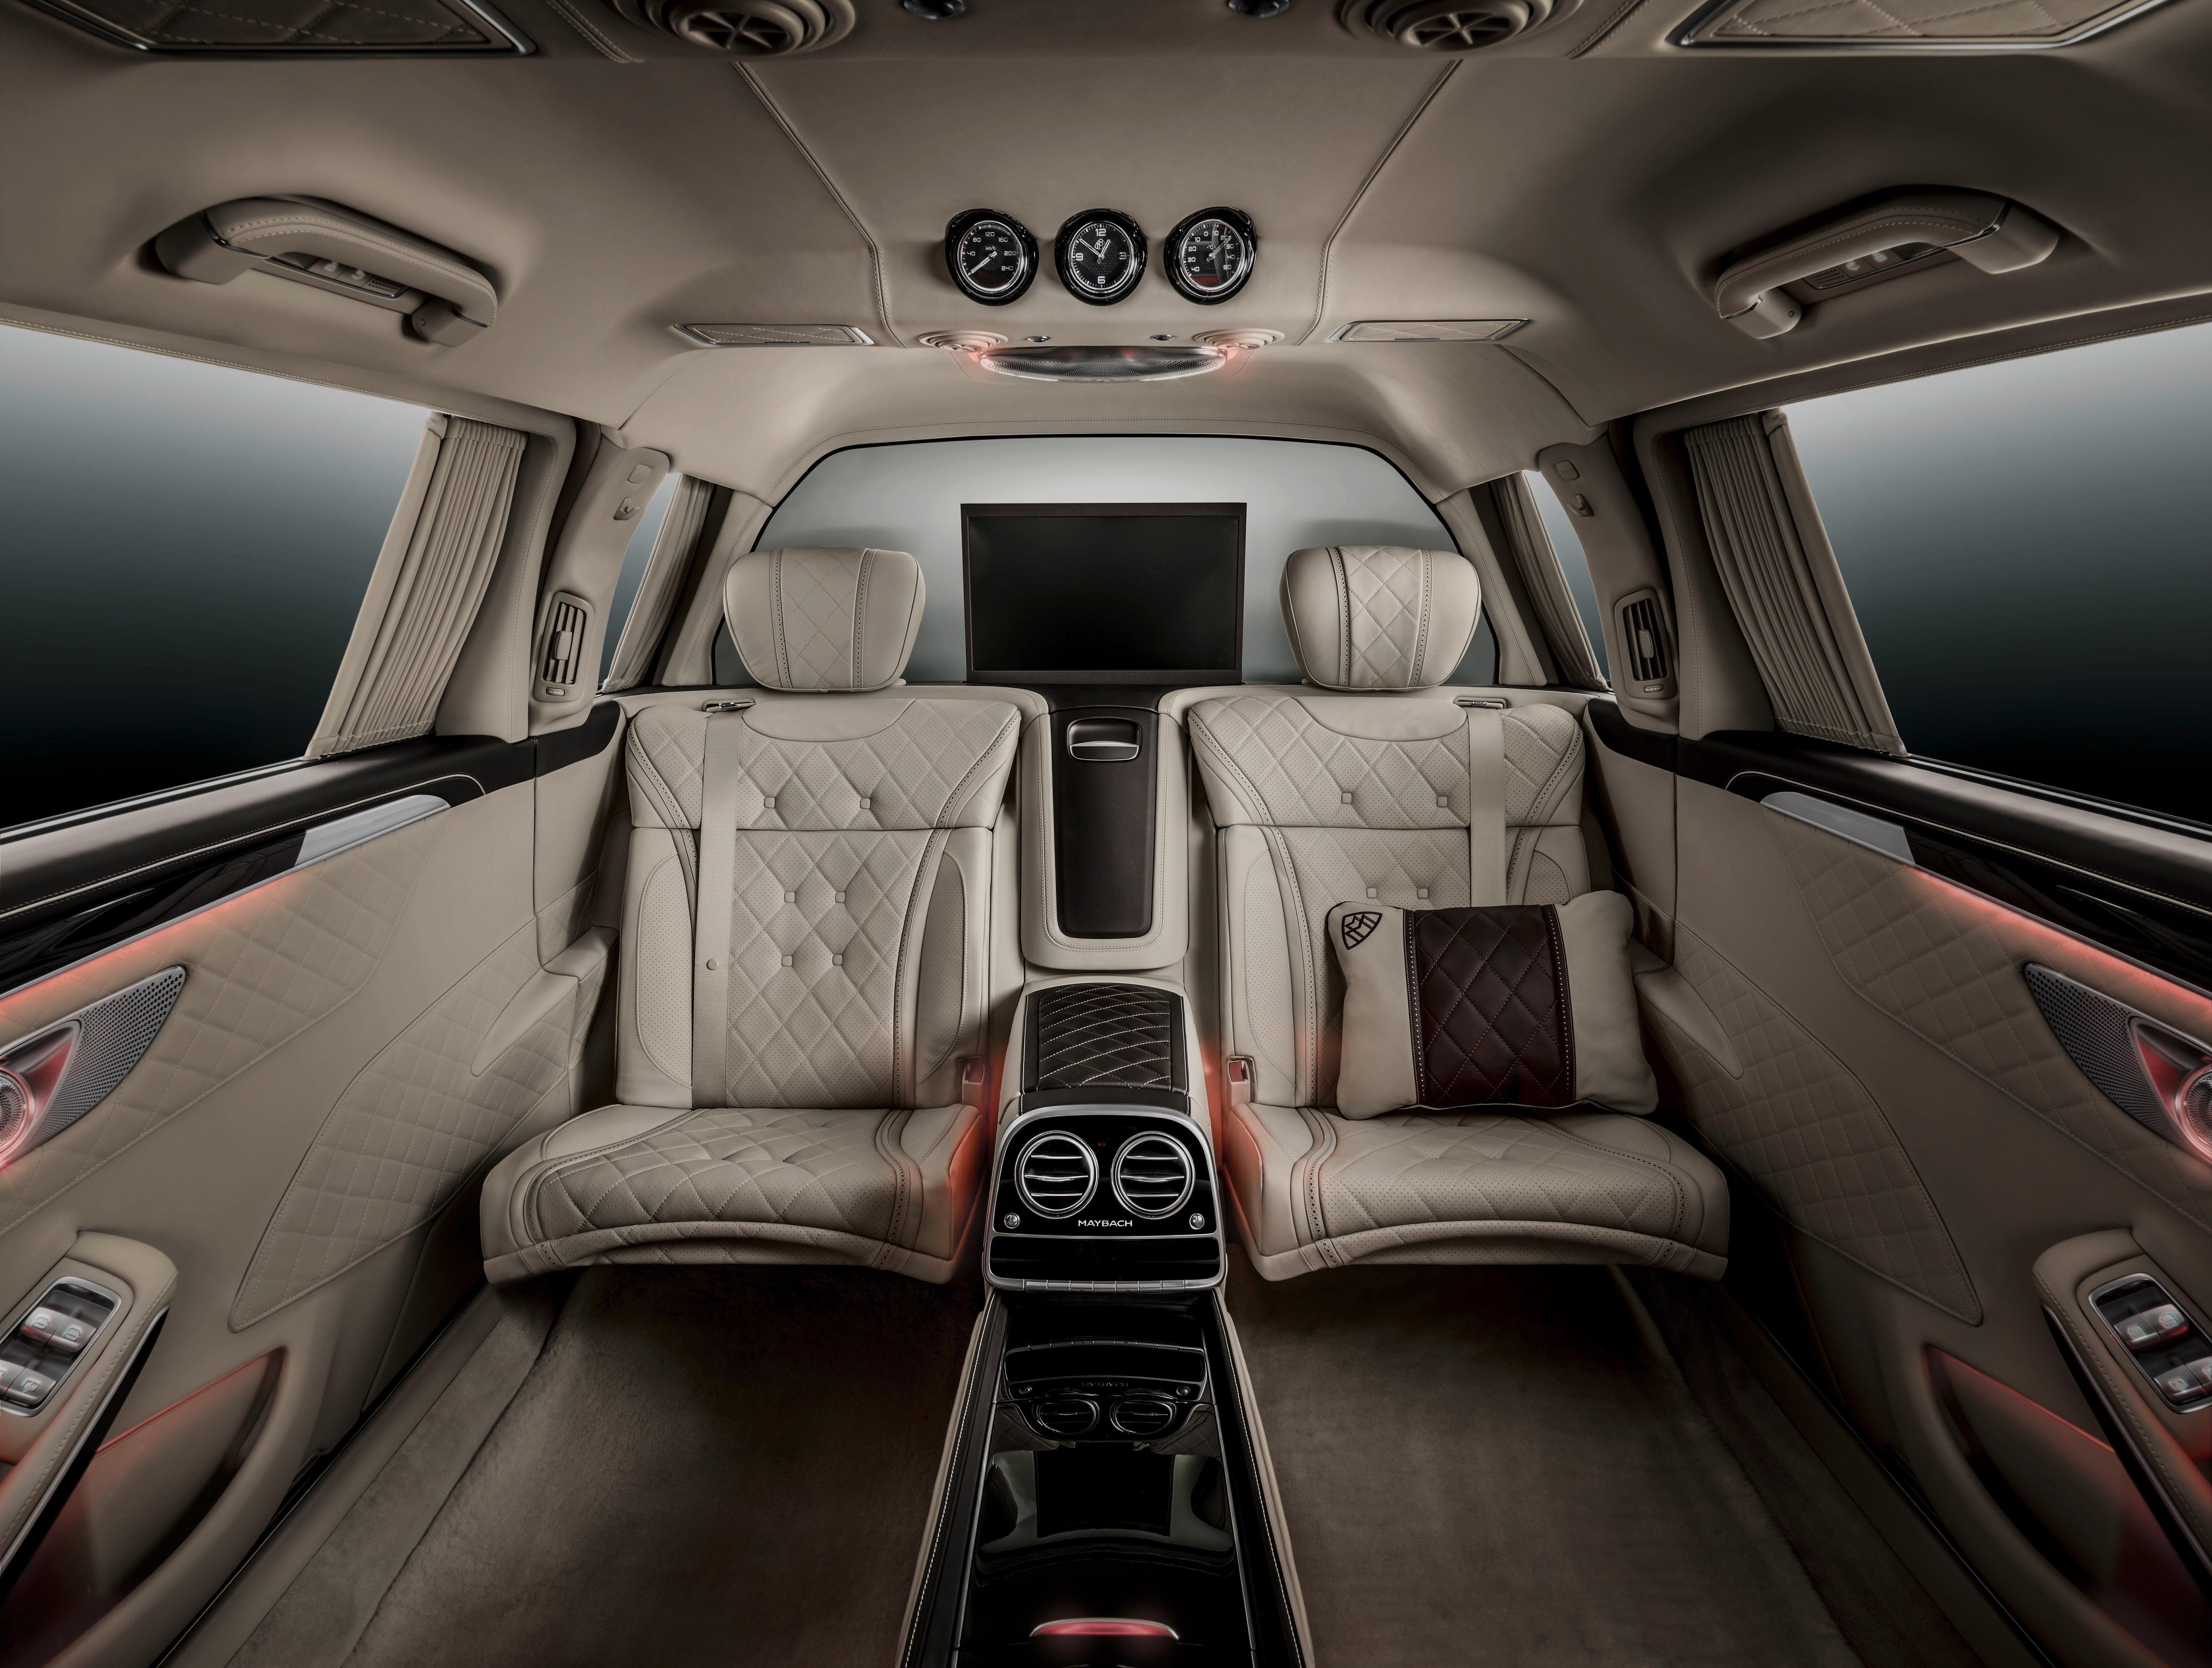 Mercedes-Maybach S600 Pullman debuts at Geneva Image 316073